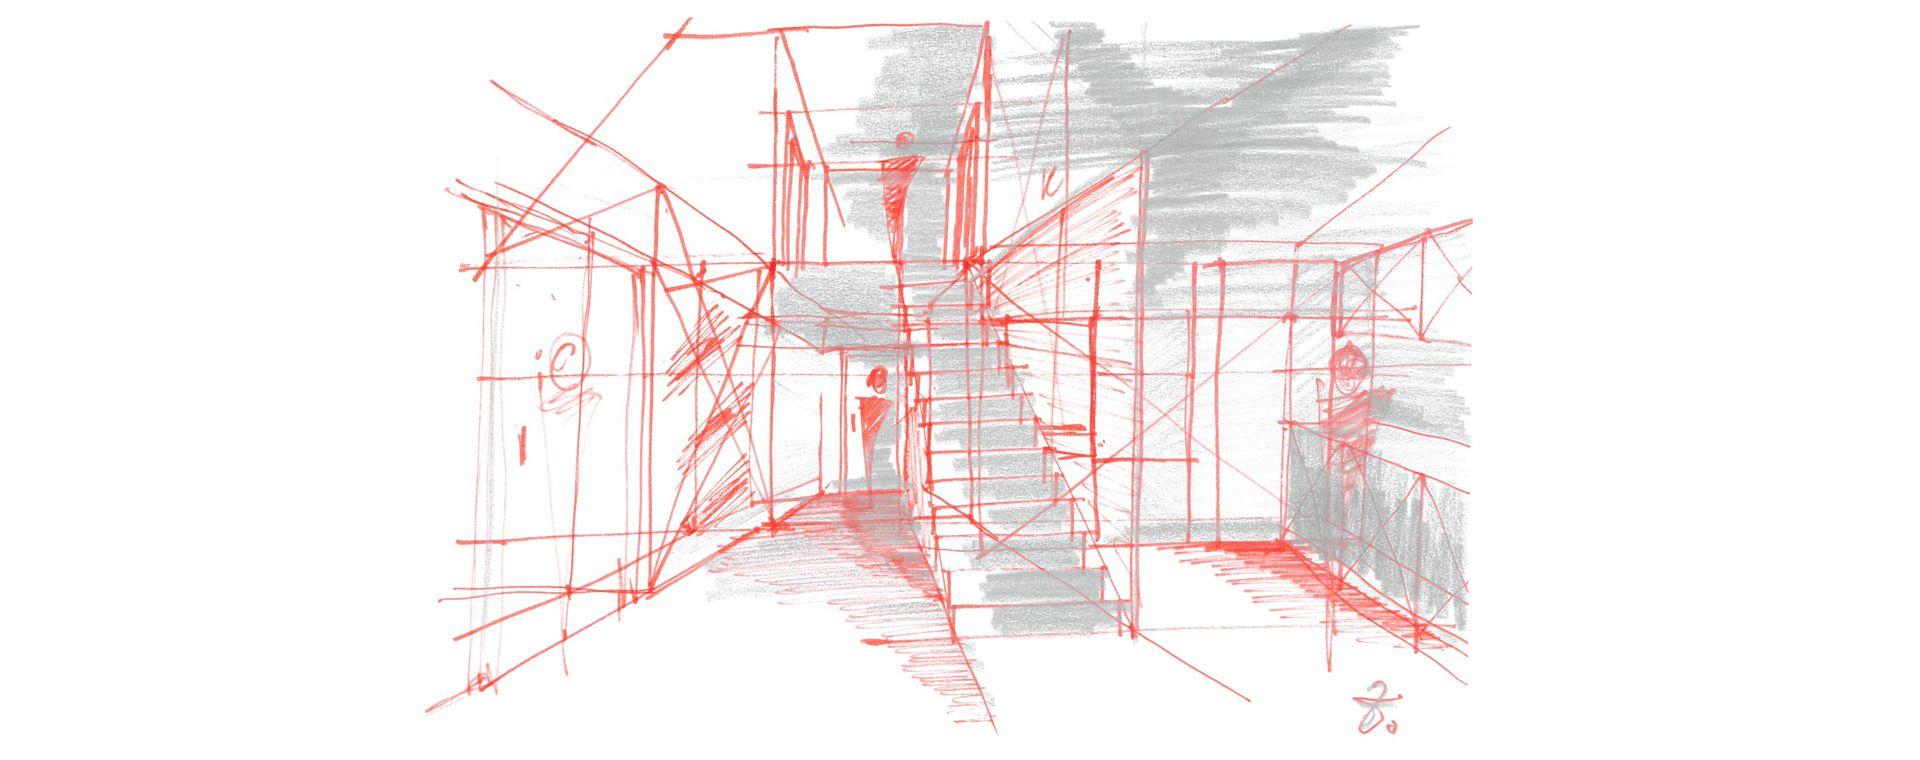 Rekonstrukce bytu 3+1 a podkroví, Veselská, Žďár nad Sázavou, 2014, CZ